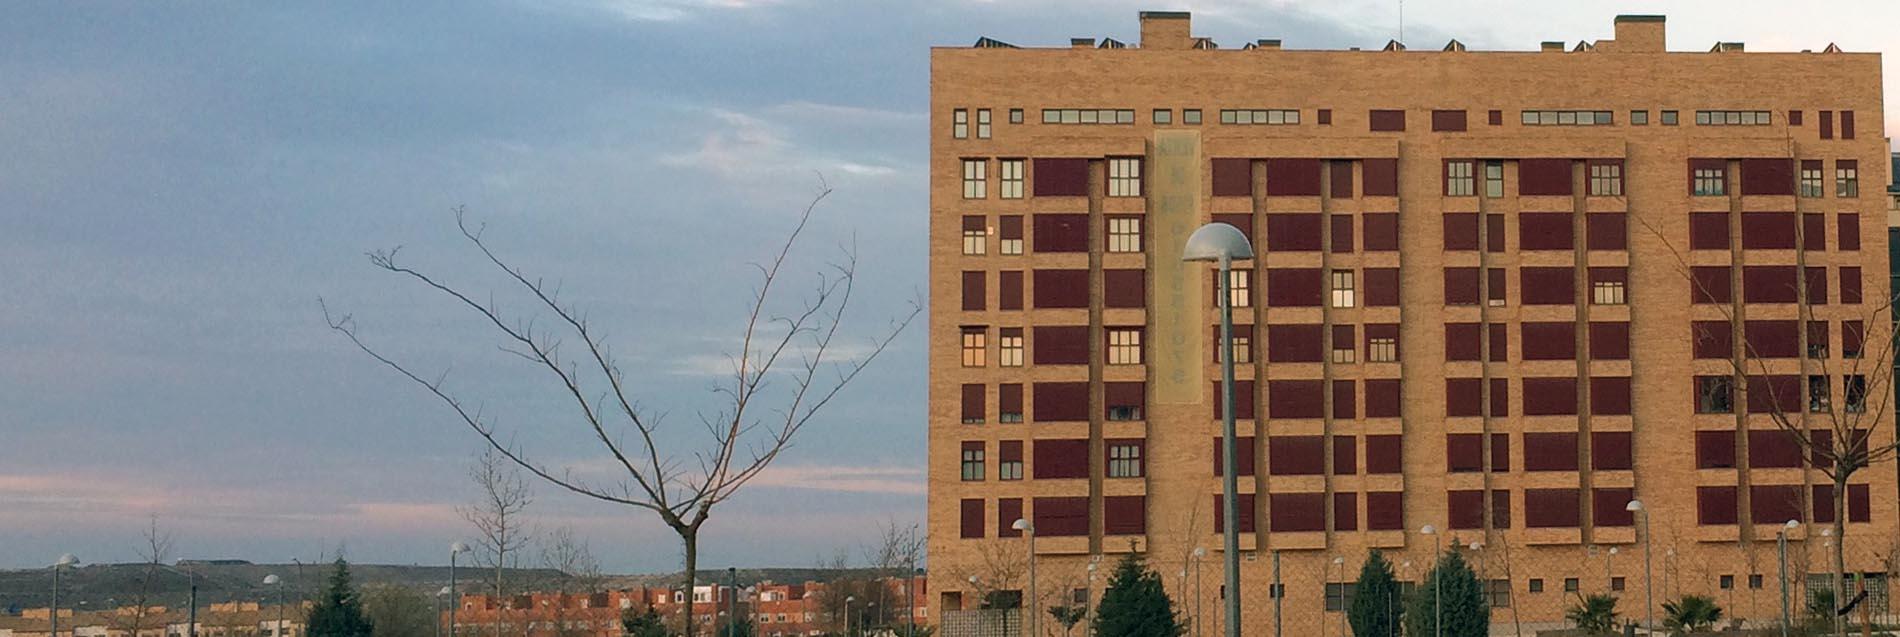 Promoci n obra nueva residencial puerta del sol cci for Centro comercial la puerta del sol